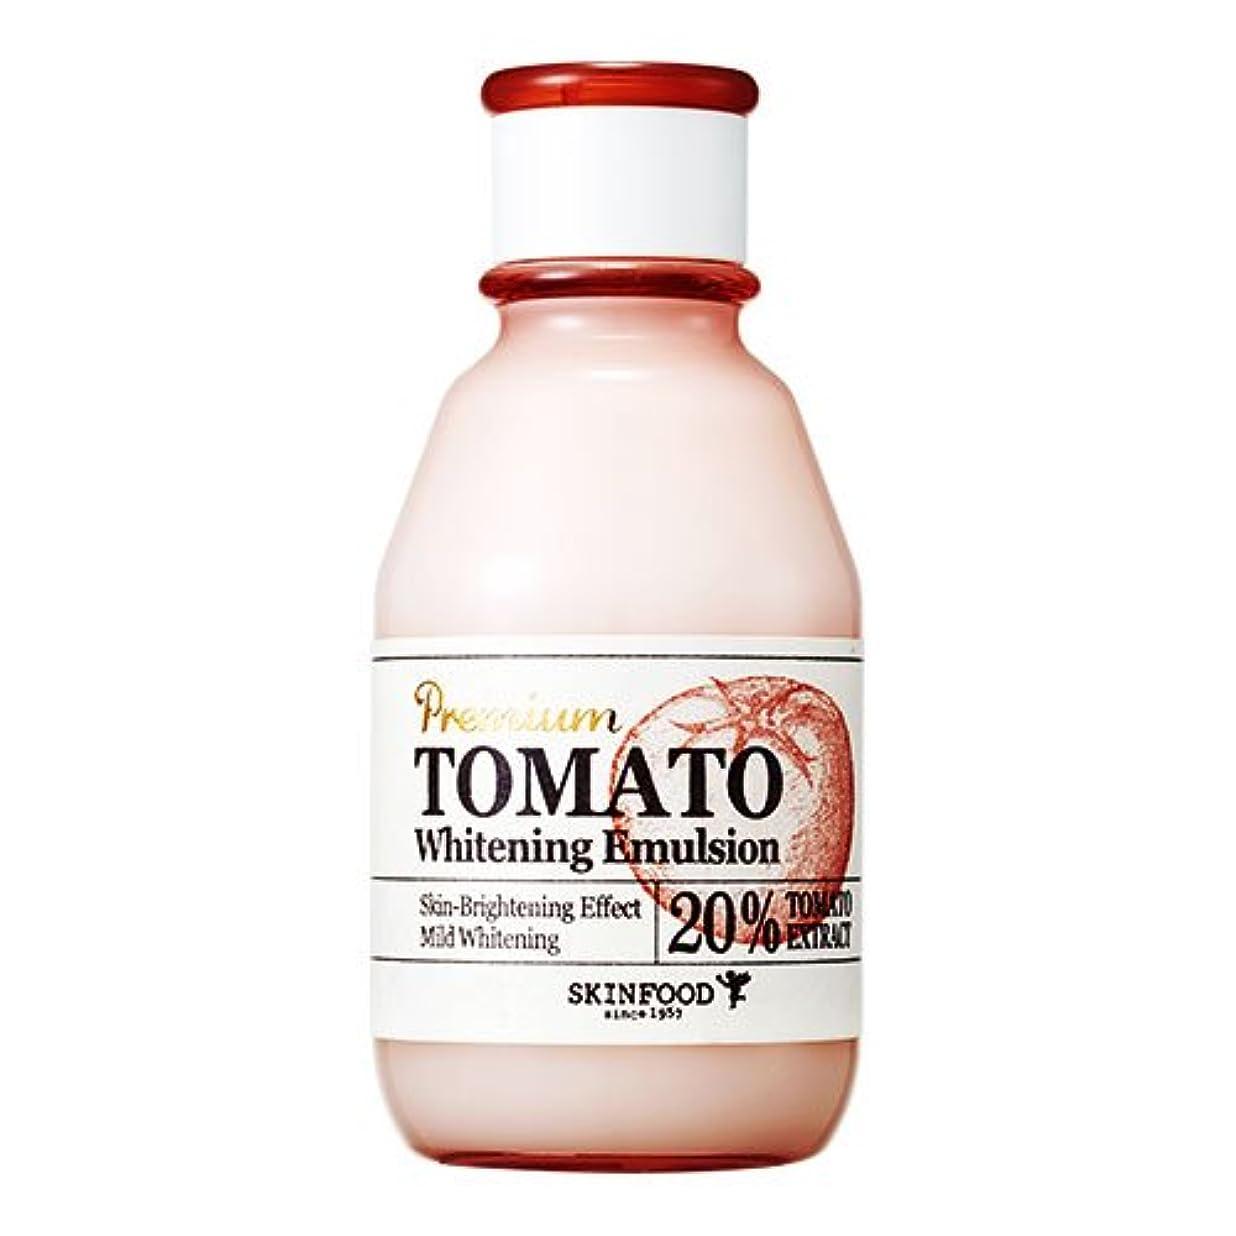 近代化愛避ける[スキンフード] SKINFOOD プレミアムトマトホワイトニングエマルジョン Premium Tomato Whitening Emulsion (海外直送品) [並行輸入品]